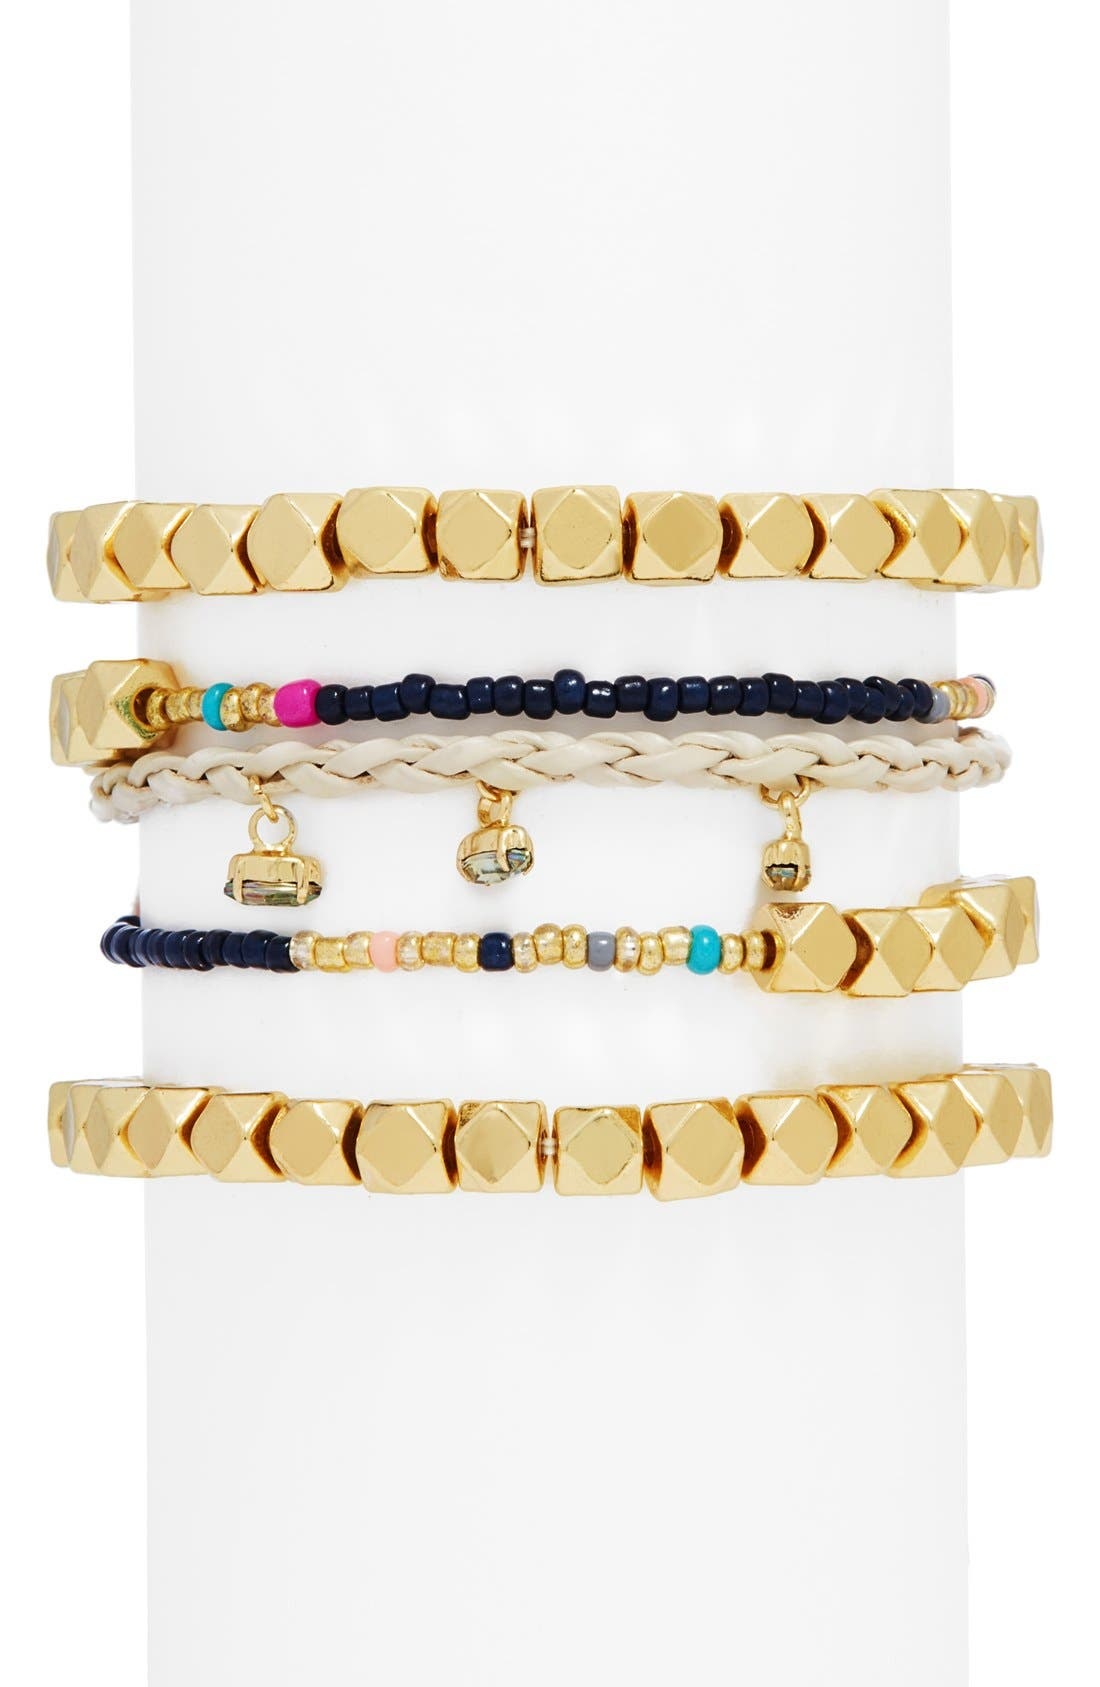 Main Image - BaubleBar 'Barbados' Beaded Bracelets (Set of 5)